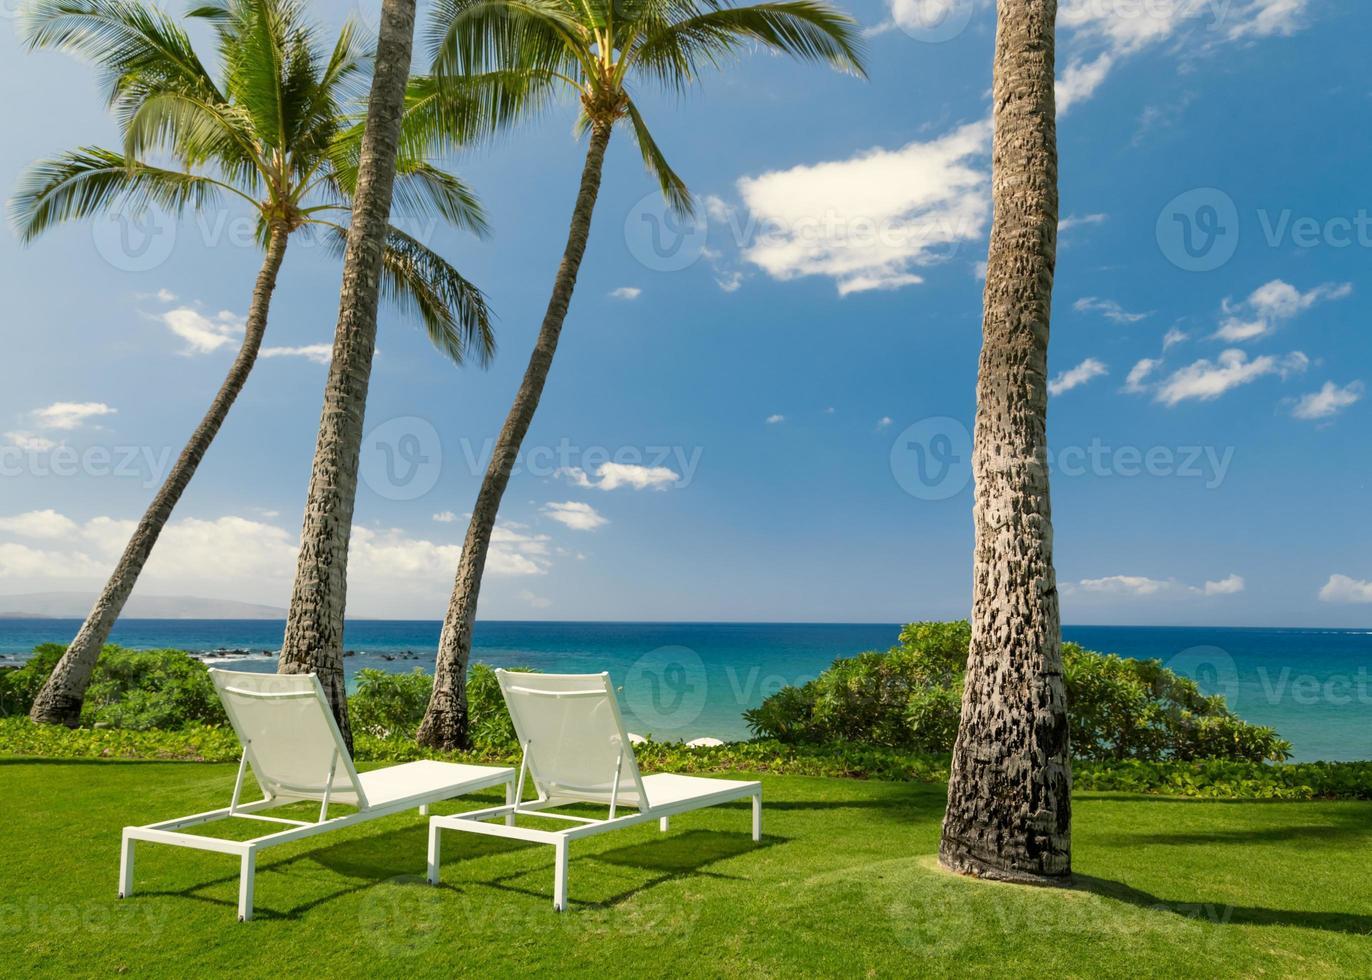 sonniger tropischer Strand foto